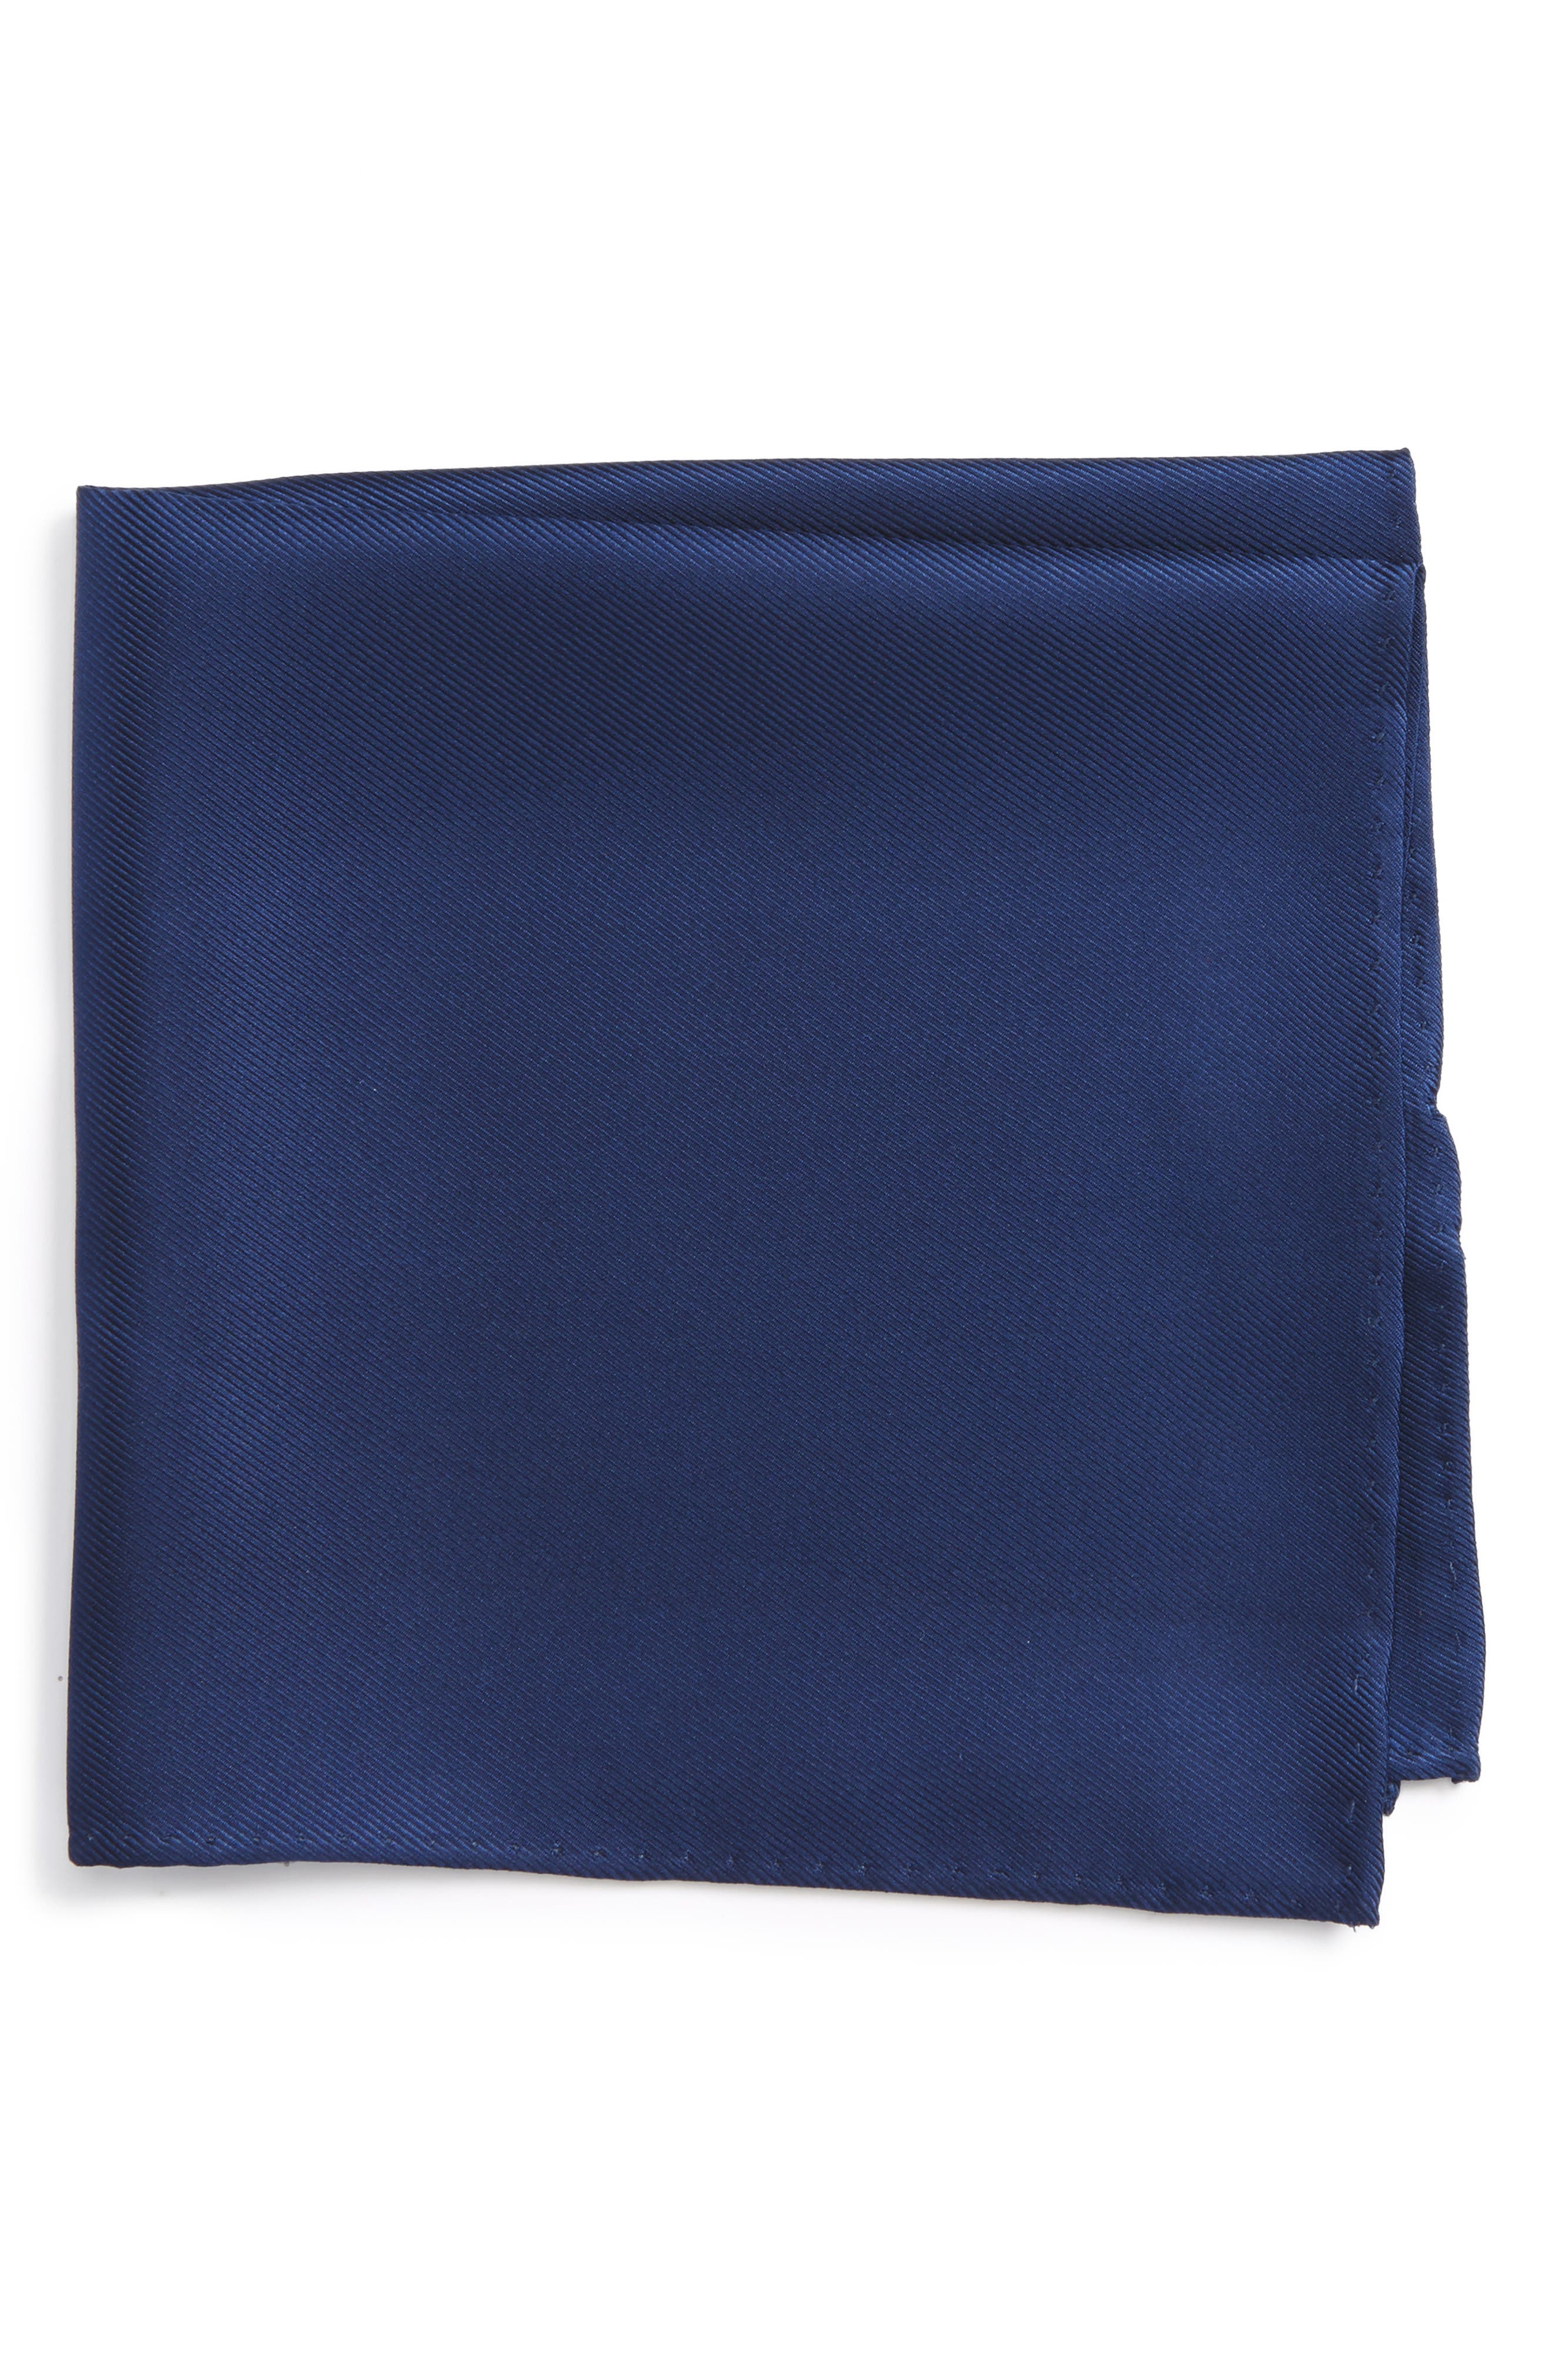 Alternate Image 1 Selected - Nordstrom Men's Shop Solid Silk Pocket Square